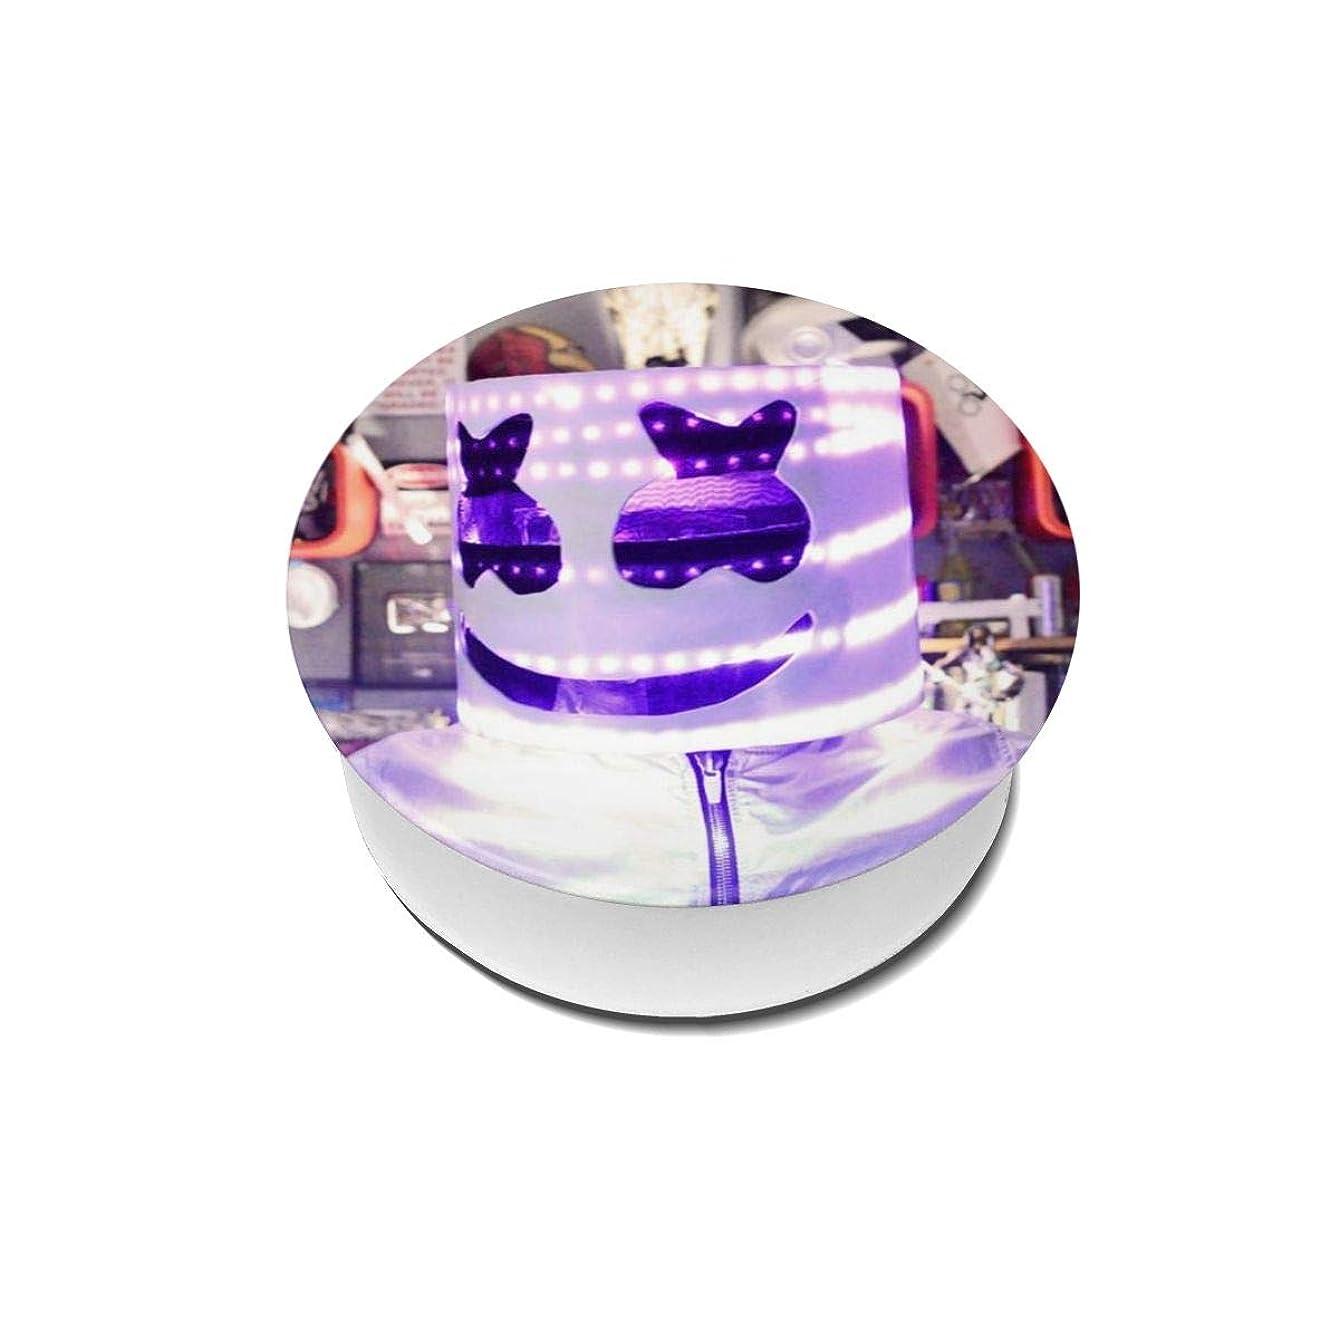 ペフリクルート三Yinian 4個入リ マシュメロ Marshmello スマホリング/スマホスタンド/スマホグリップ/スマホアクセサリー バンカーリング スマホ リング かわいい ホールドリング 薄型 スタンド機能 ホルダー 落下防止 軽い 各種他対応/iPhone/Android(2pcs入リ)